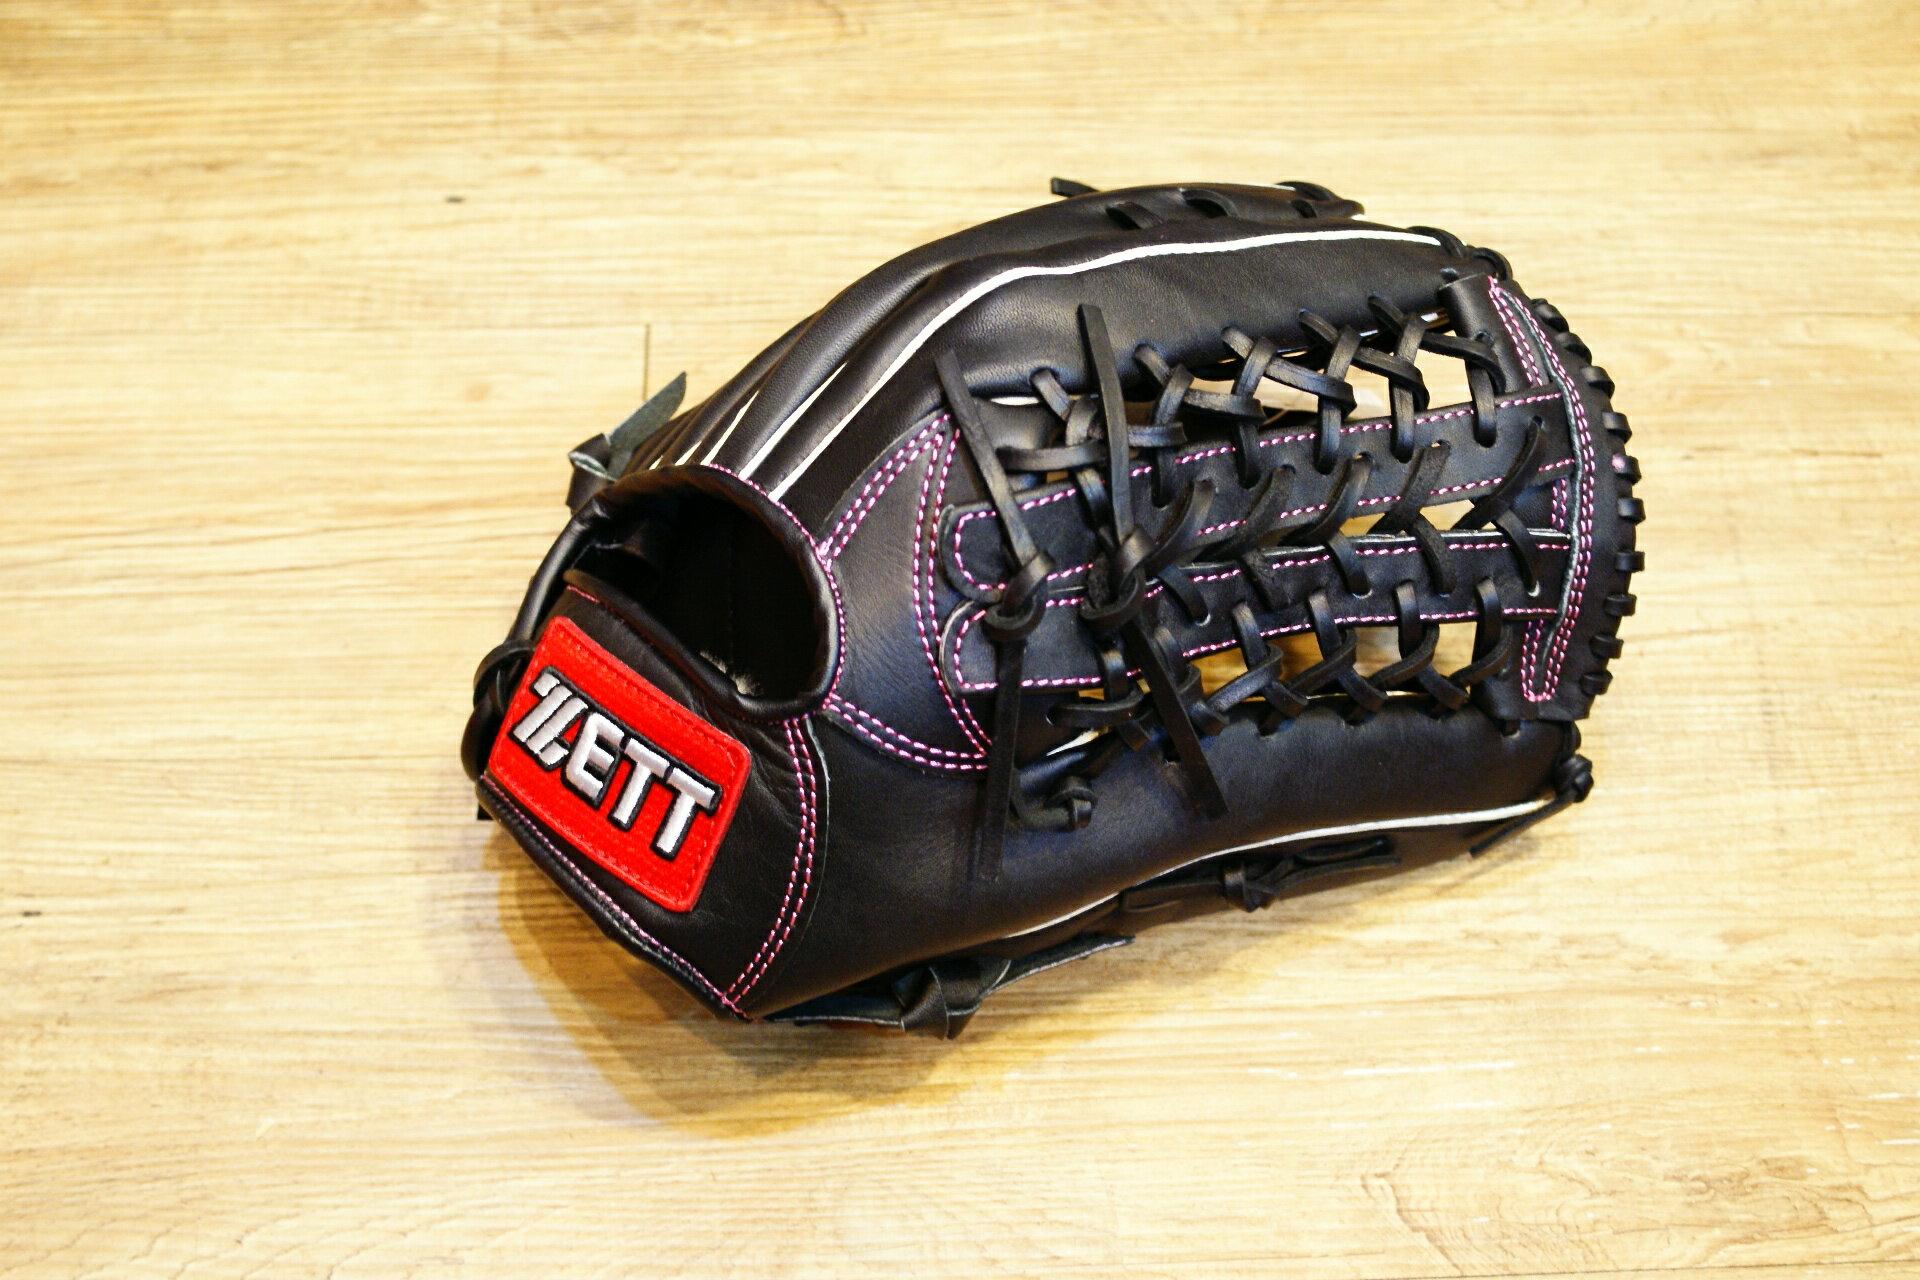 棒球世界 全新ZETT棒壘球外野手用牛皮手套 黑色 特價 加送手套袋 8737系列